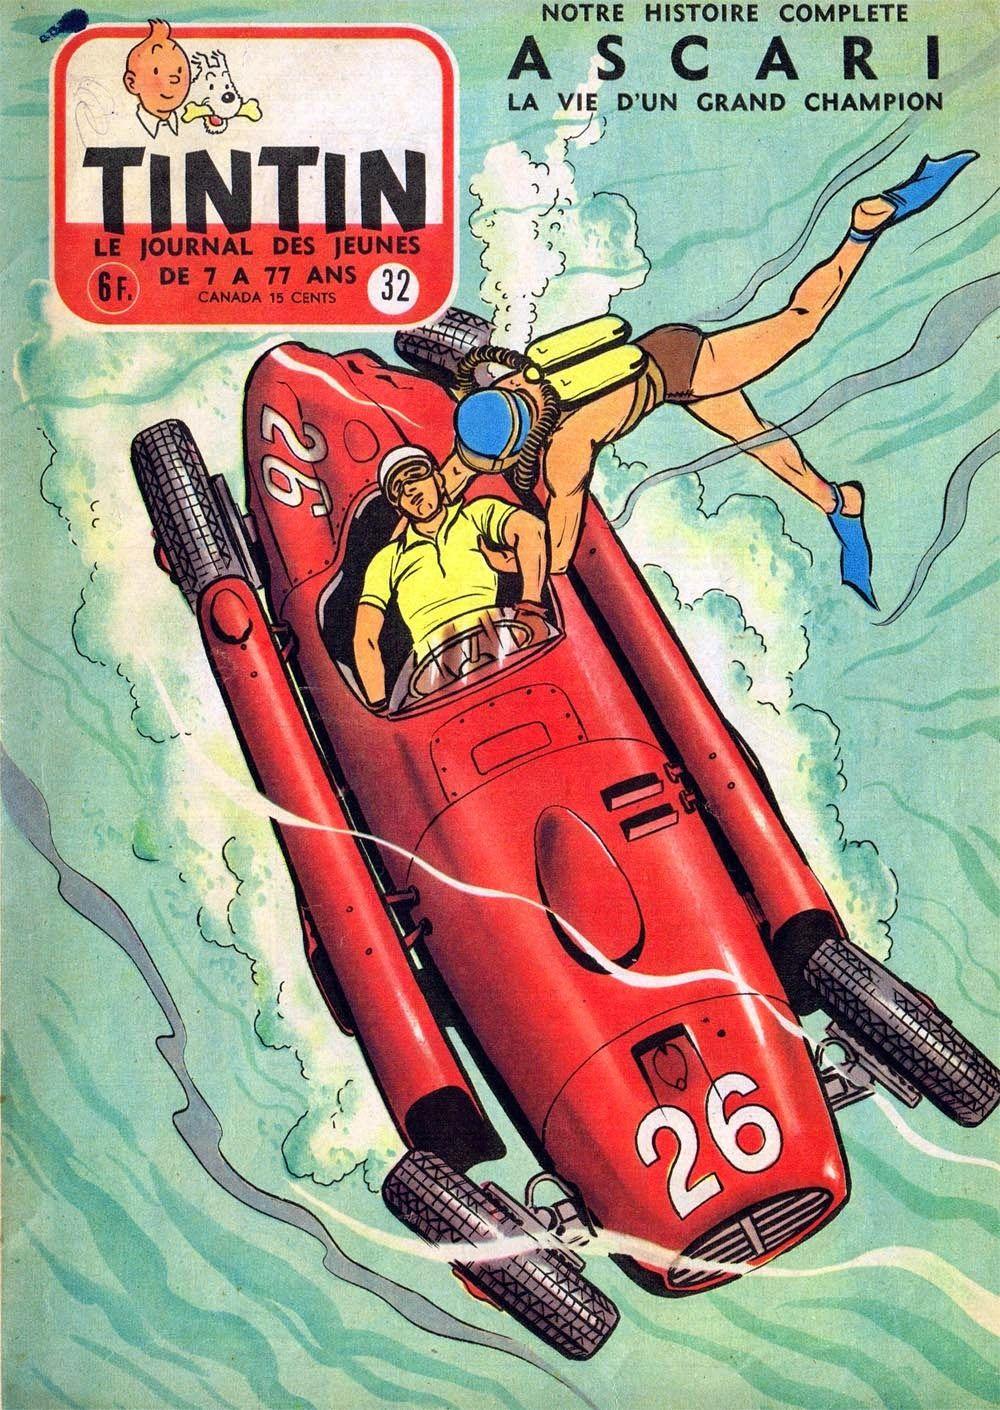 Revista tintin lancia d50 de alberto ascari tras el accidente revista tintin lancia d50 de alberto ascari tras el accidente del gp de mnaco de vanachro Gallery